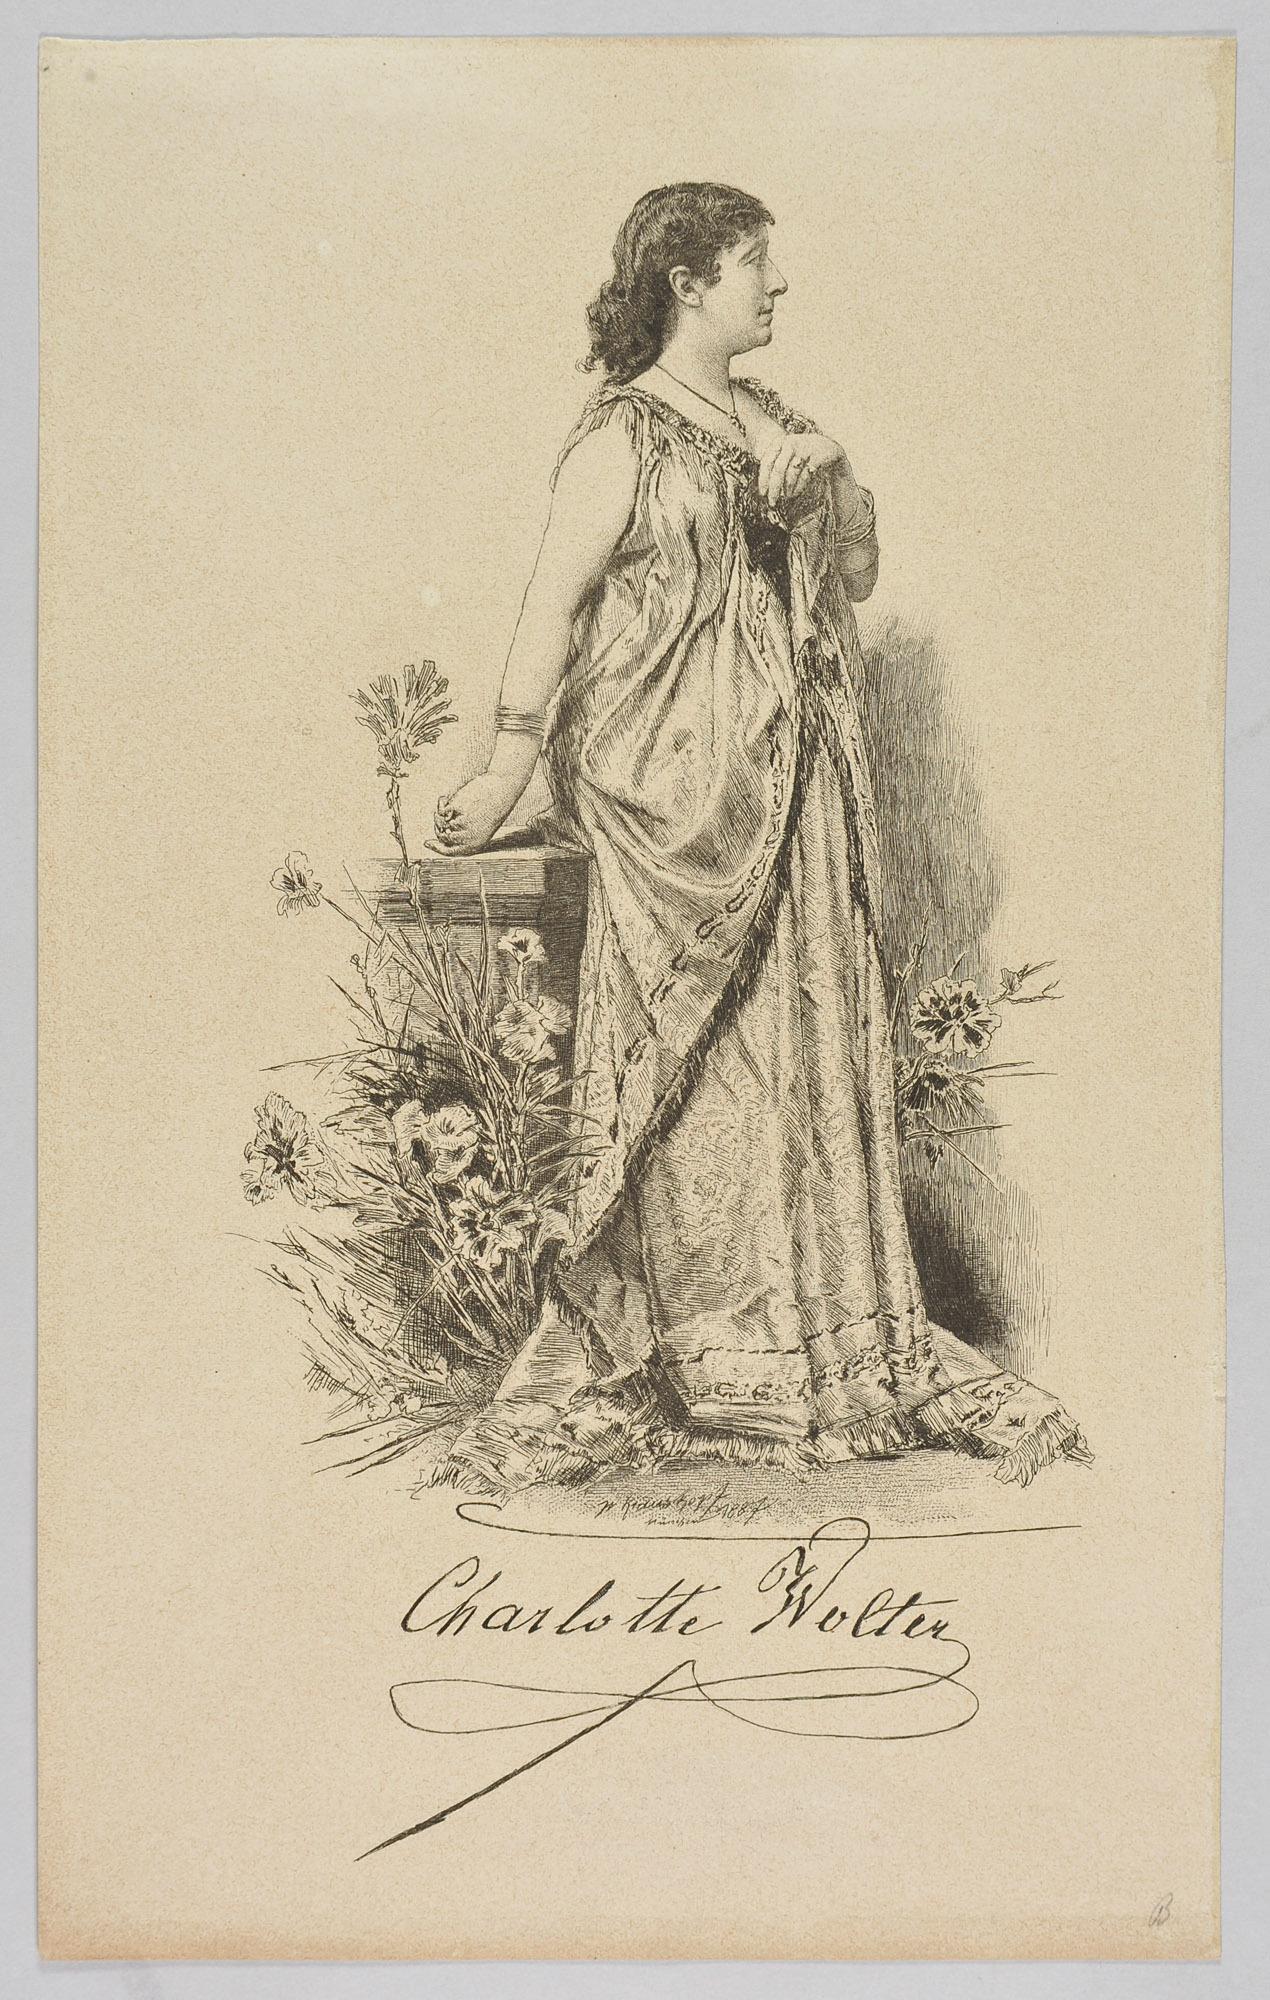 Charlotte Wolter von Wilhelm Krauskopf